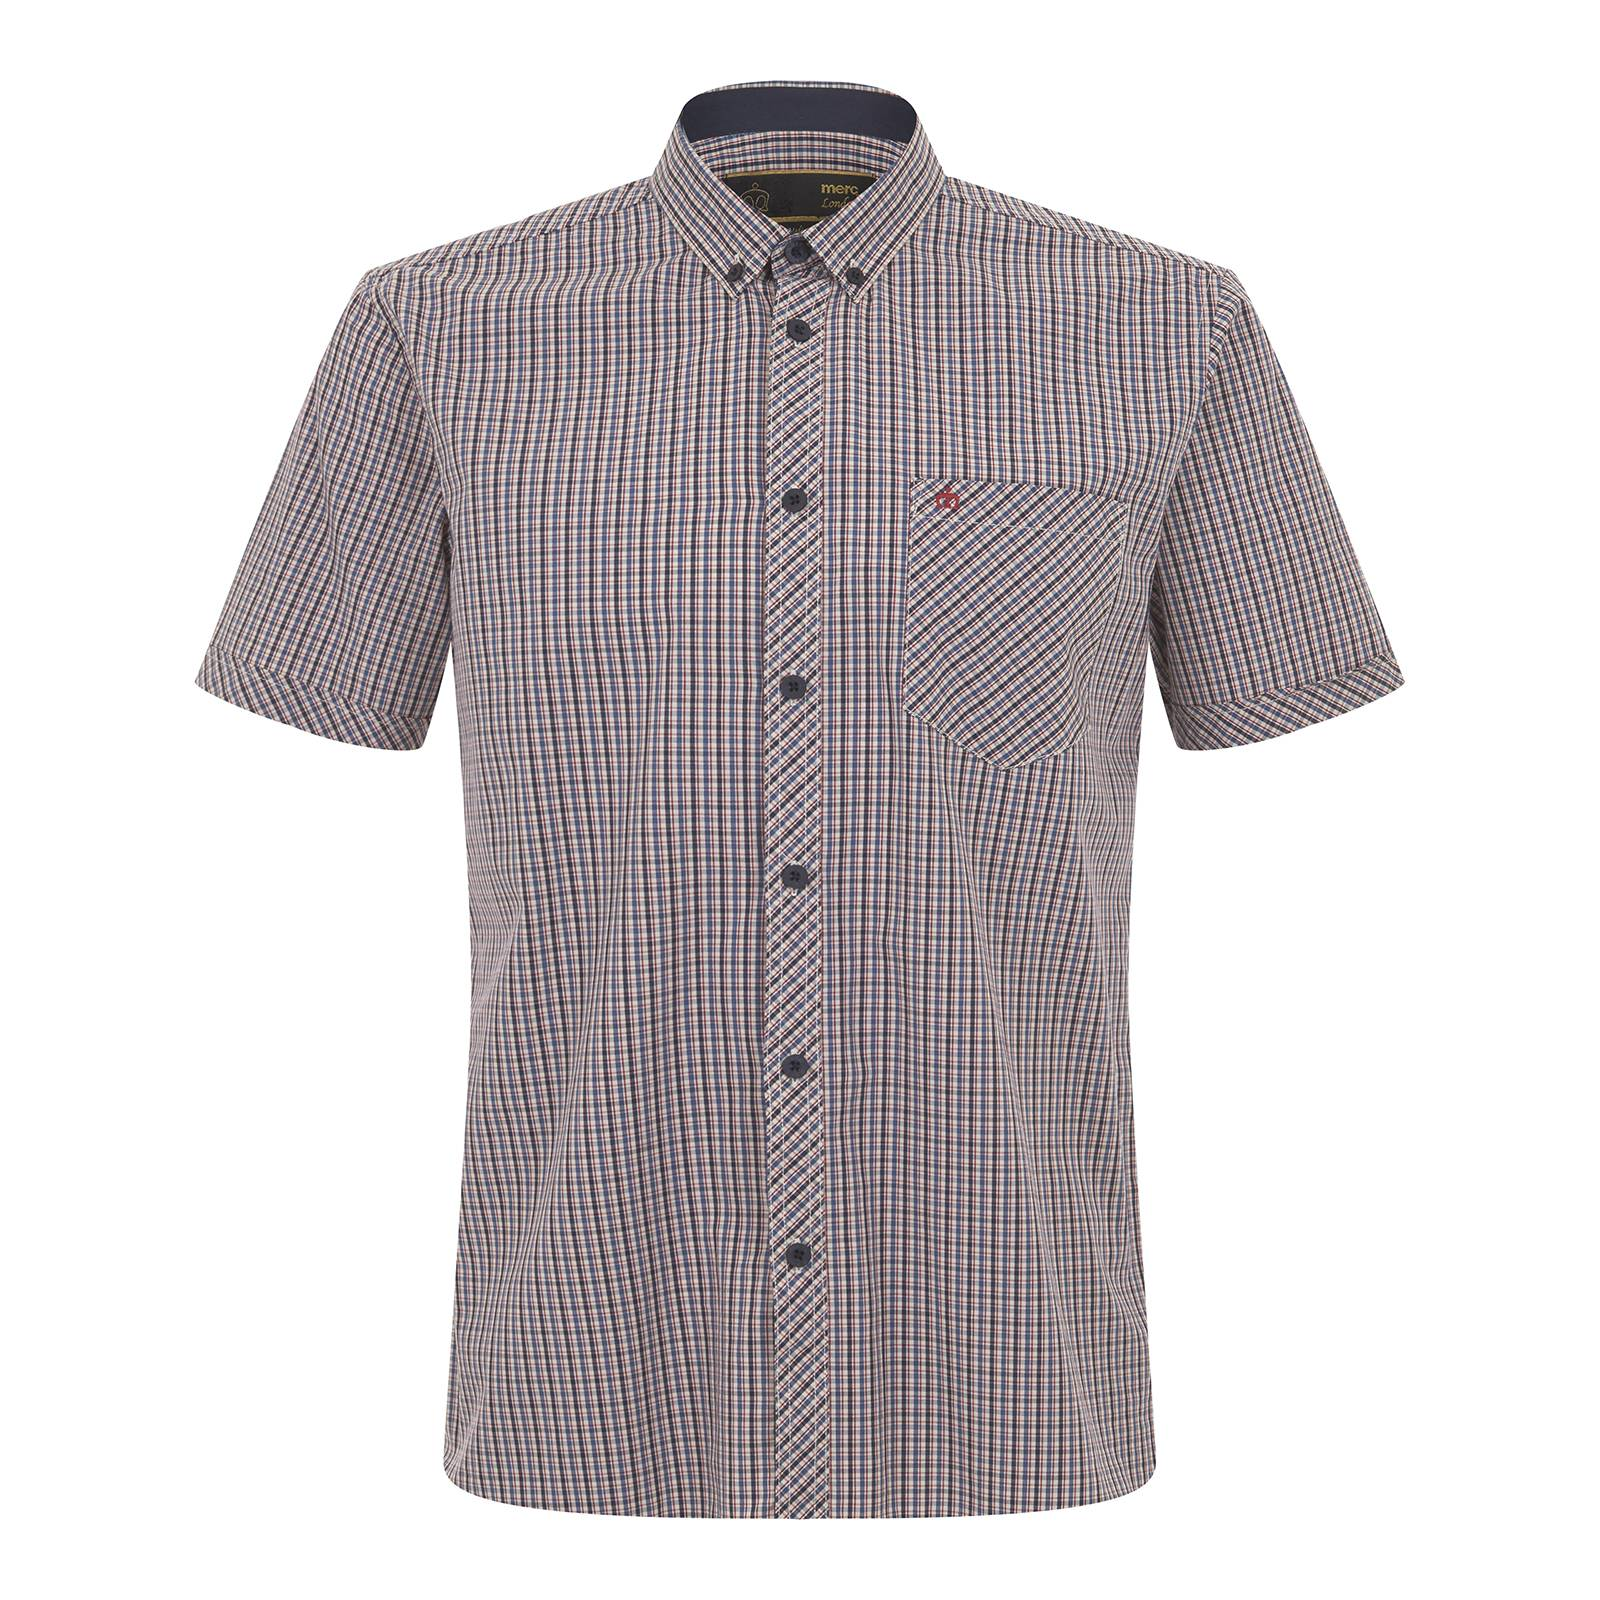 Рубашка SkelterКлассические<br>Знаковая для стиля Merc классическая мужская casual рубашка с коротким рукавом, изготовленная из высококачественной хлопковой ткани поплин с традиционным английским узором в мелкую клетку – истинный британский стиль в одежде начинается именно так. Укороченный button-down воротник на пуговицах идеально сочетается с V-образным трикотажем и вязаными кардиганами. Благодаря зауженным манжетам рукава не топорщатся, красиво облегая руку. Имеет декоративную кокетку на спинке и плечах. Брендирована логотипом корона, вышитым на кармане слева. Внутренняя сторона планки с пуговицами отделана снизу контрастной полоской синей ткани, гармонирующей с аналогично оформленными выточками боковых швов по низу изделия. Эту универсальную модель можно носить с деловым костюмом или шортами, строгой обувью или кроссовками.<br><br>Артикул: 1516108<br>Материал: 100% хлопок<br>Цвет: бежевый в красно-синюю клетку<br>Пол: Мужской